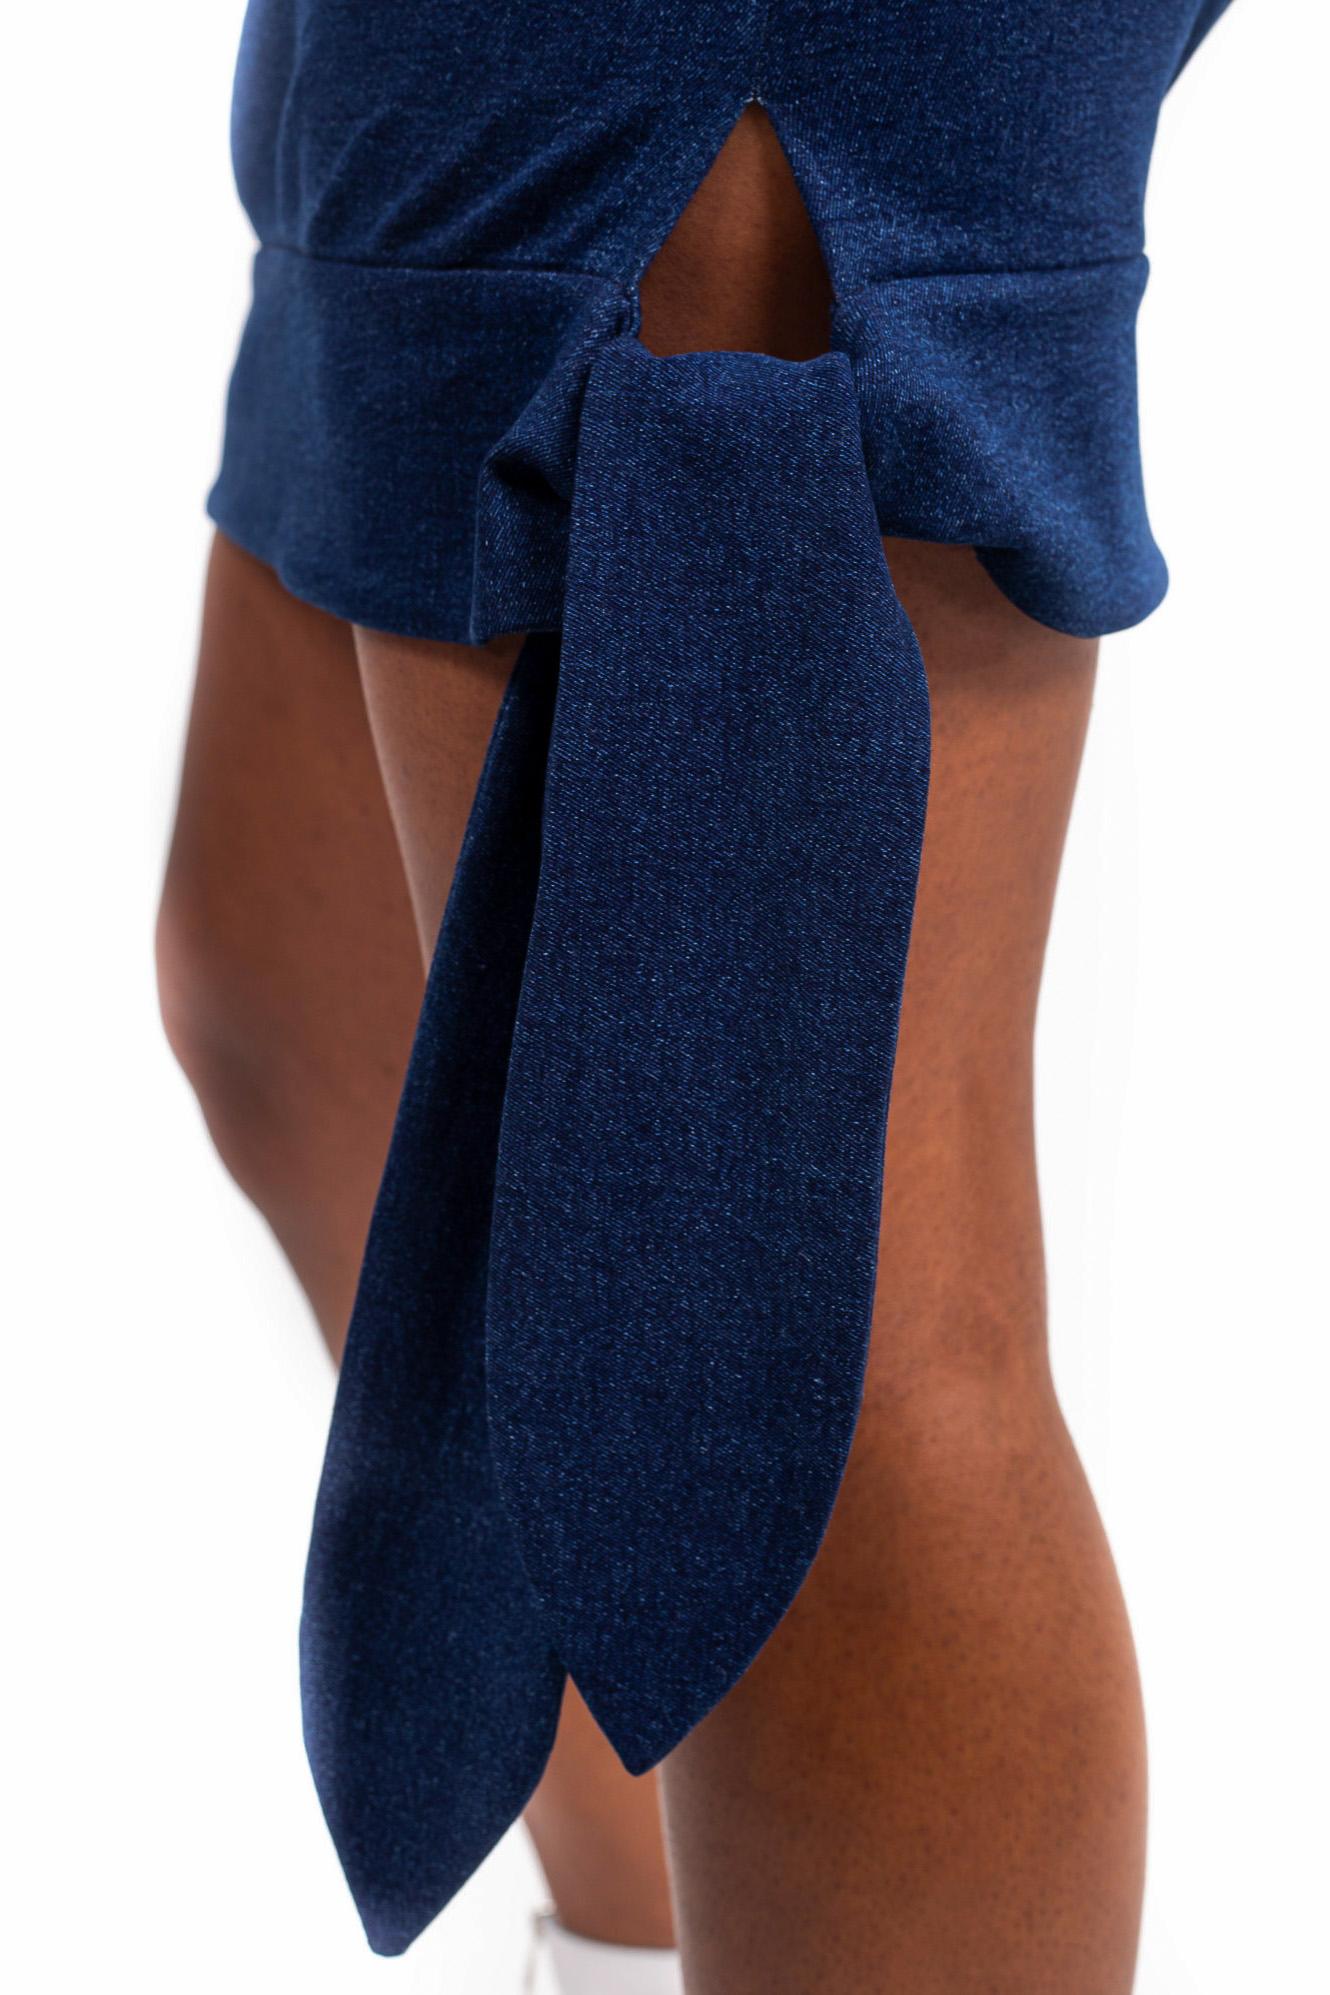 Mini jupe taille haute – Bleu foncé – Vue en détail | Label AÉ